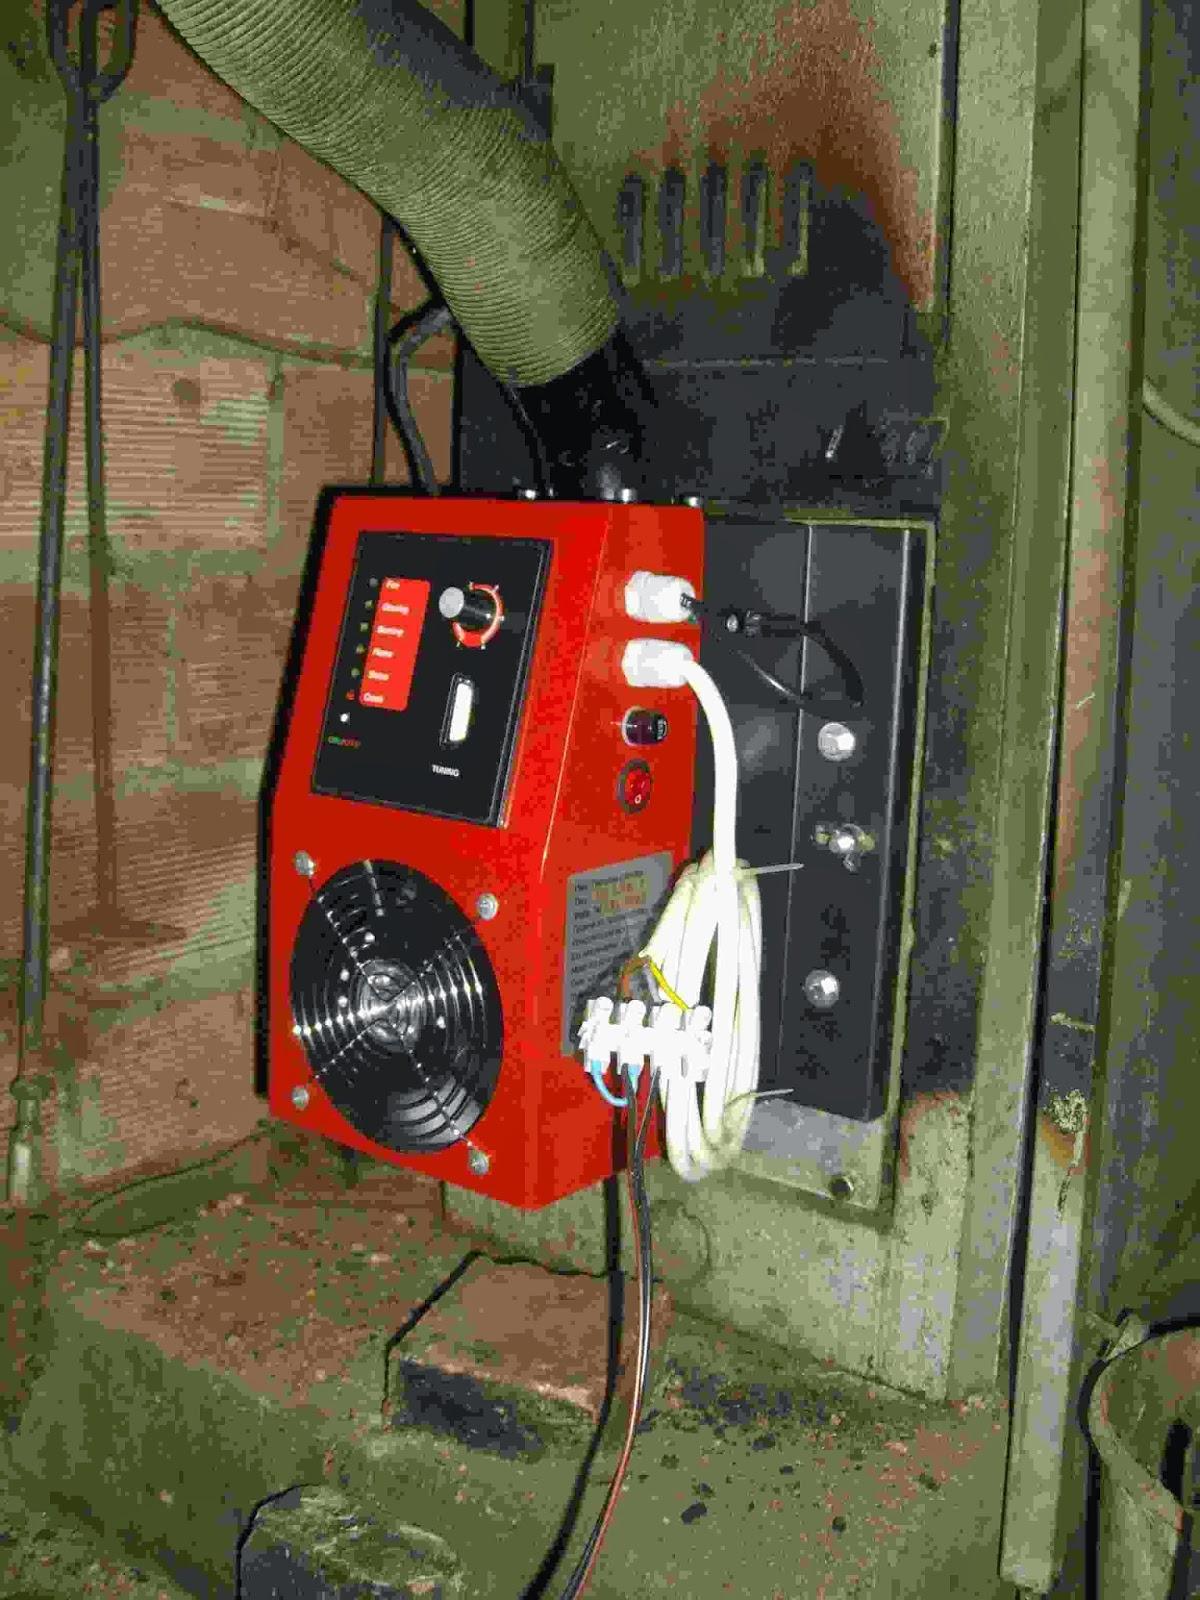 Sistemas de ahorro en calefaccion quemadores biomasa - Ahorrar calefaccion gasoil ...